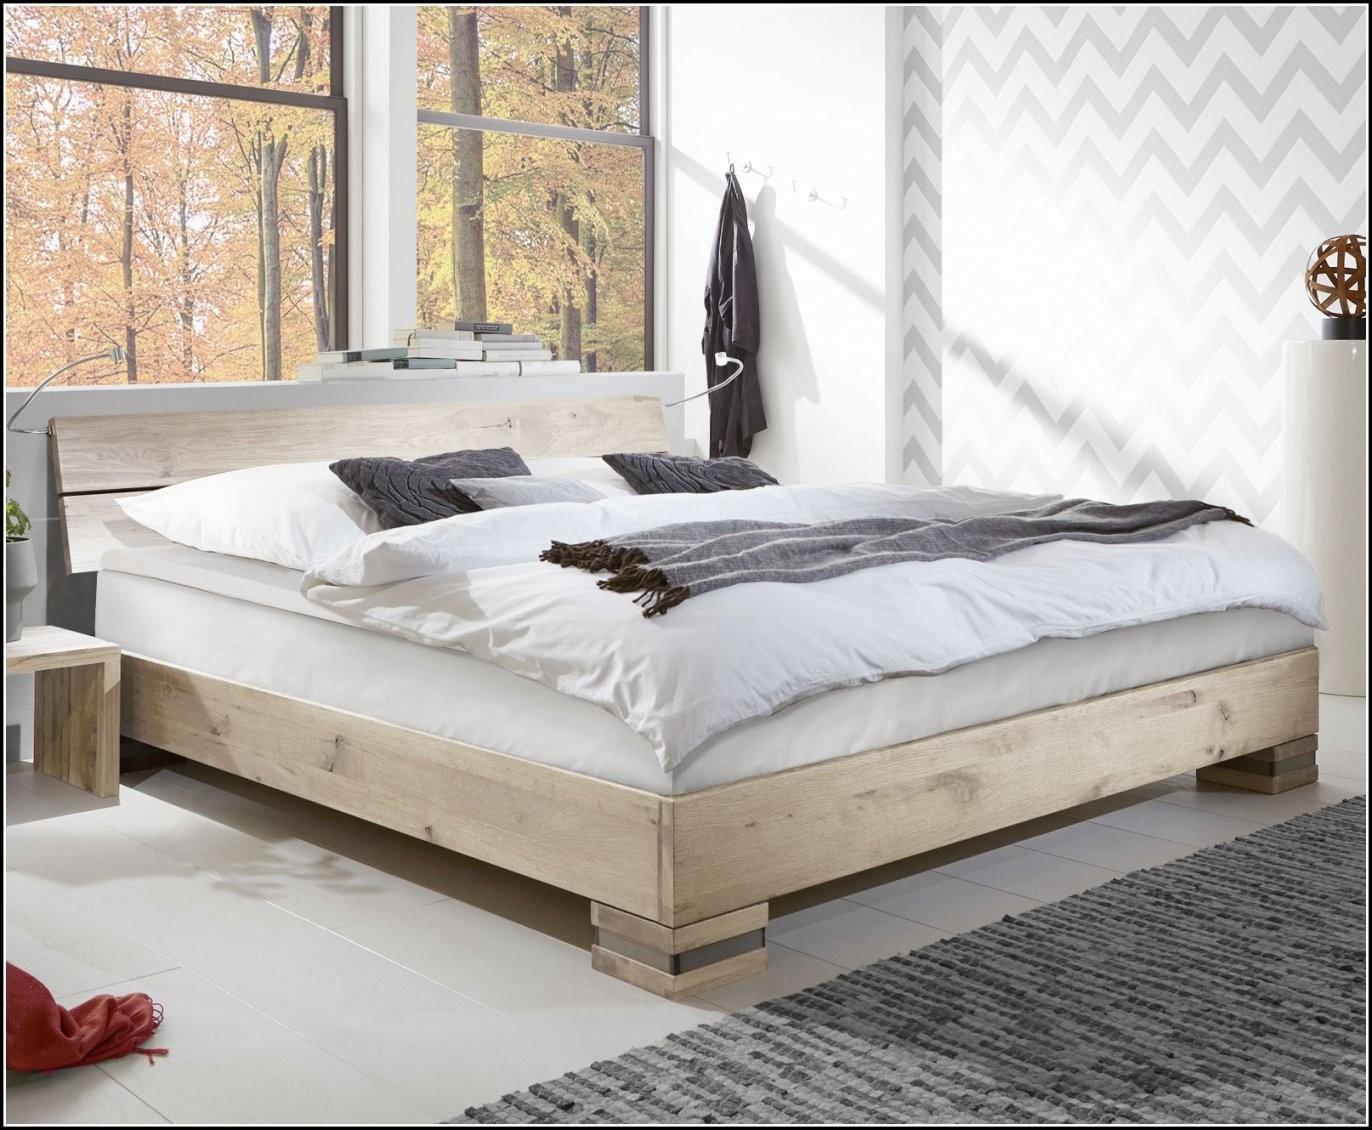 Betten Mit Matratze Und Lattenrost 140X200 von 140X200 Bett Mit Matratze Und Lattenrost Günstig Bild